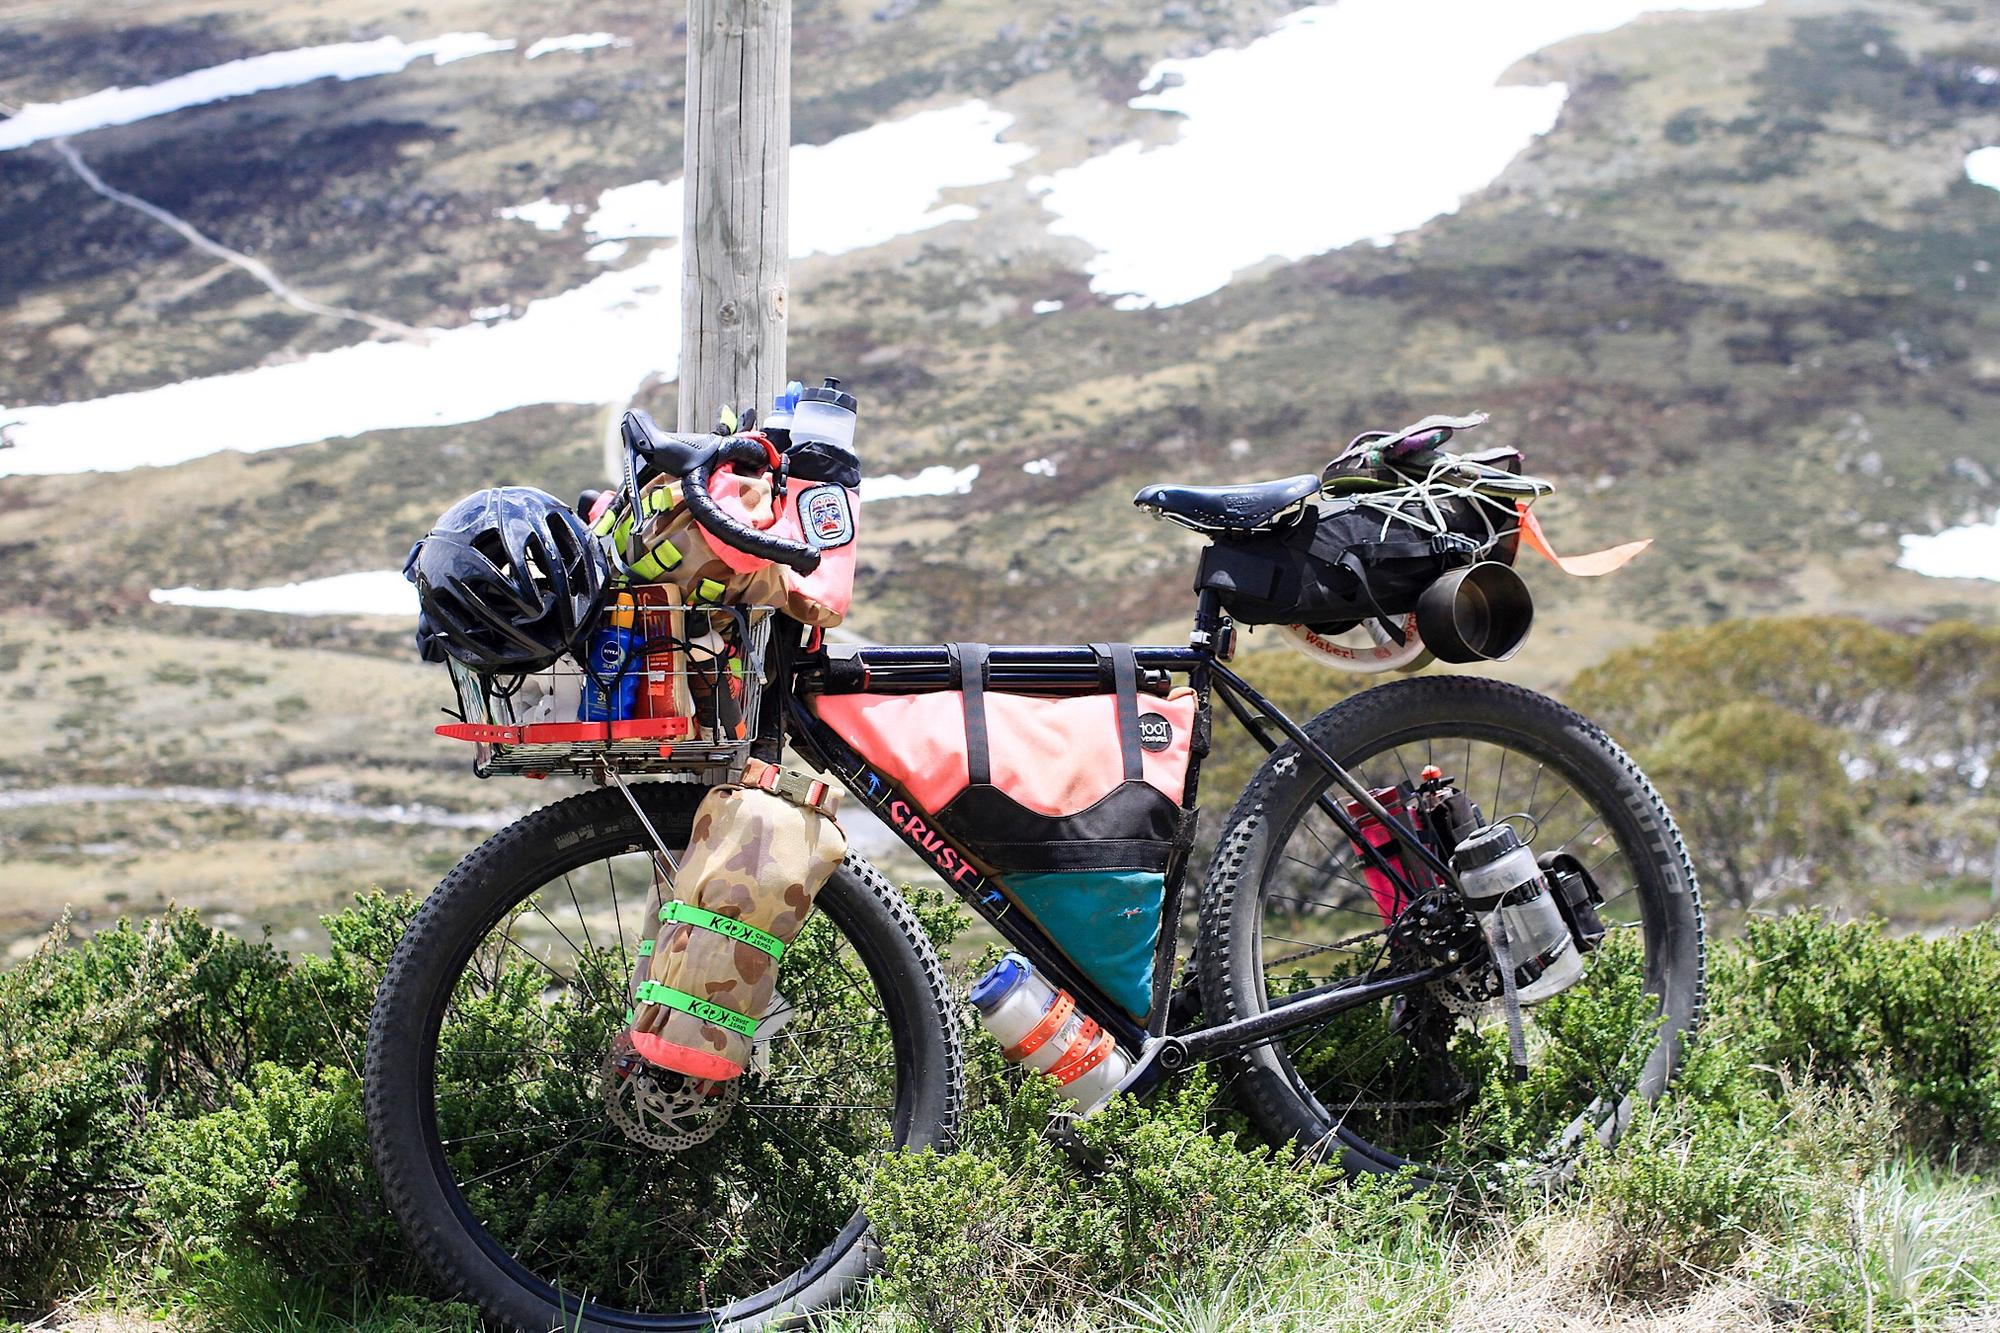 Crust Bike